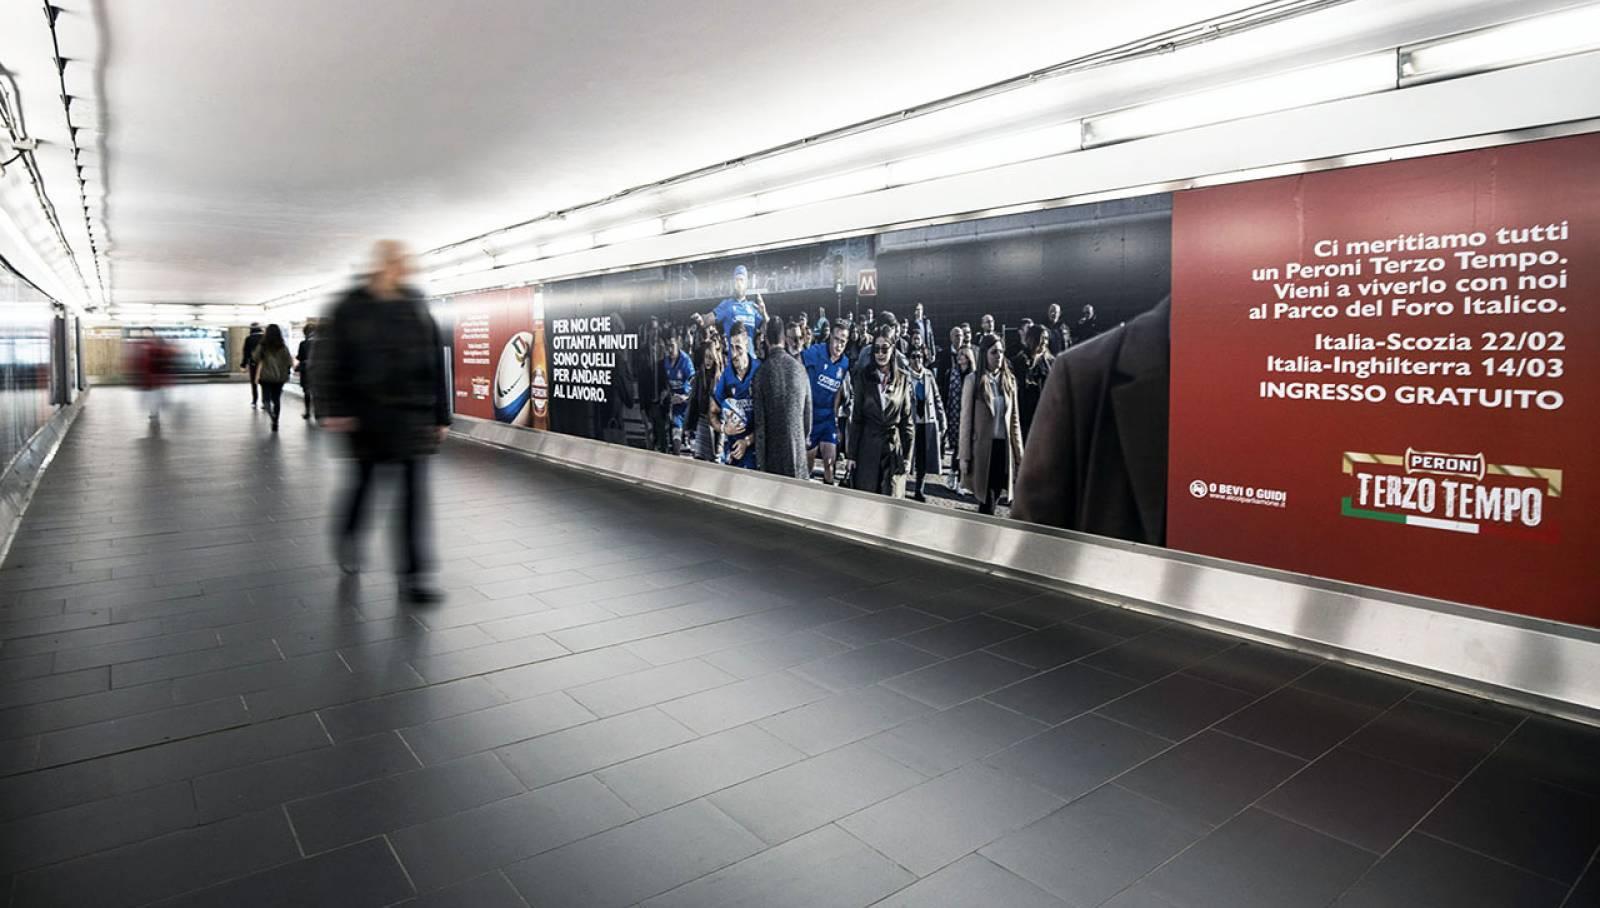 Pubblicità OOH IGPDecaux Roma Station Domination per Peroni